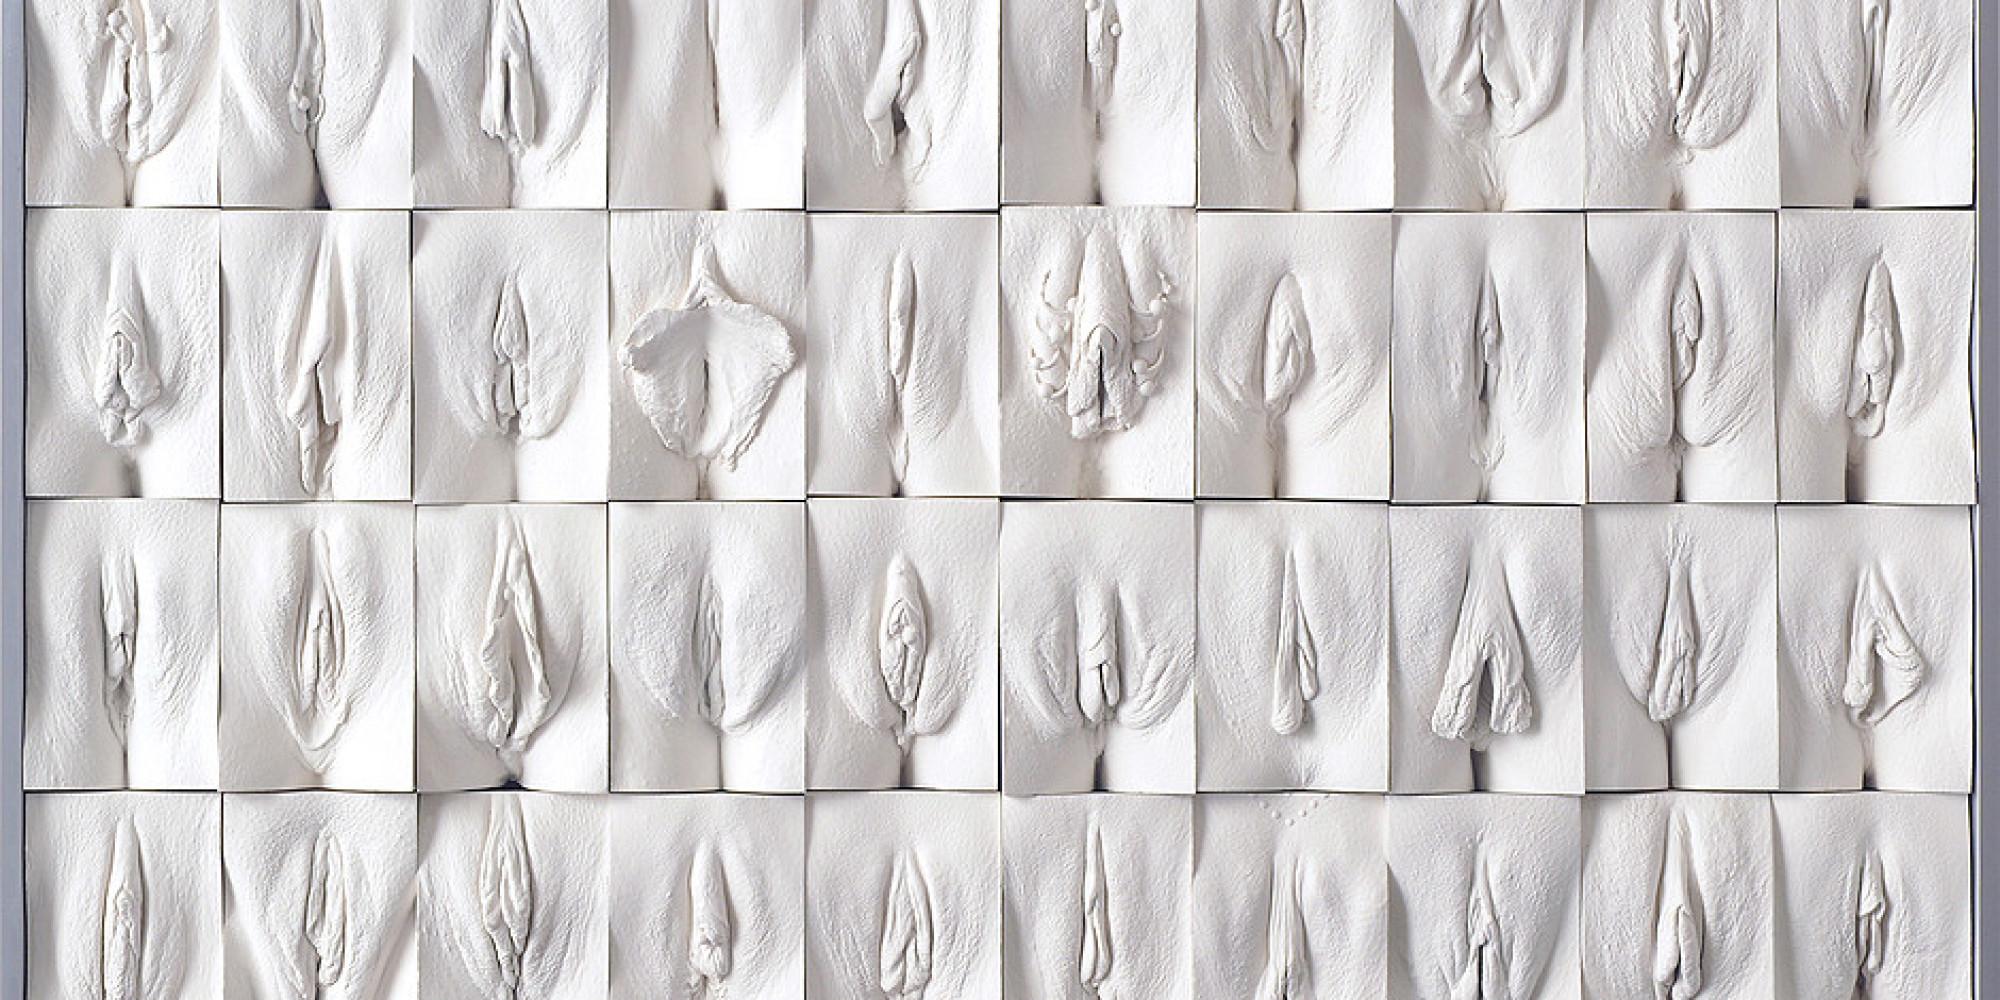 Типы вагин на фото 24 фотография